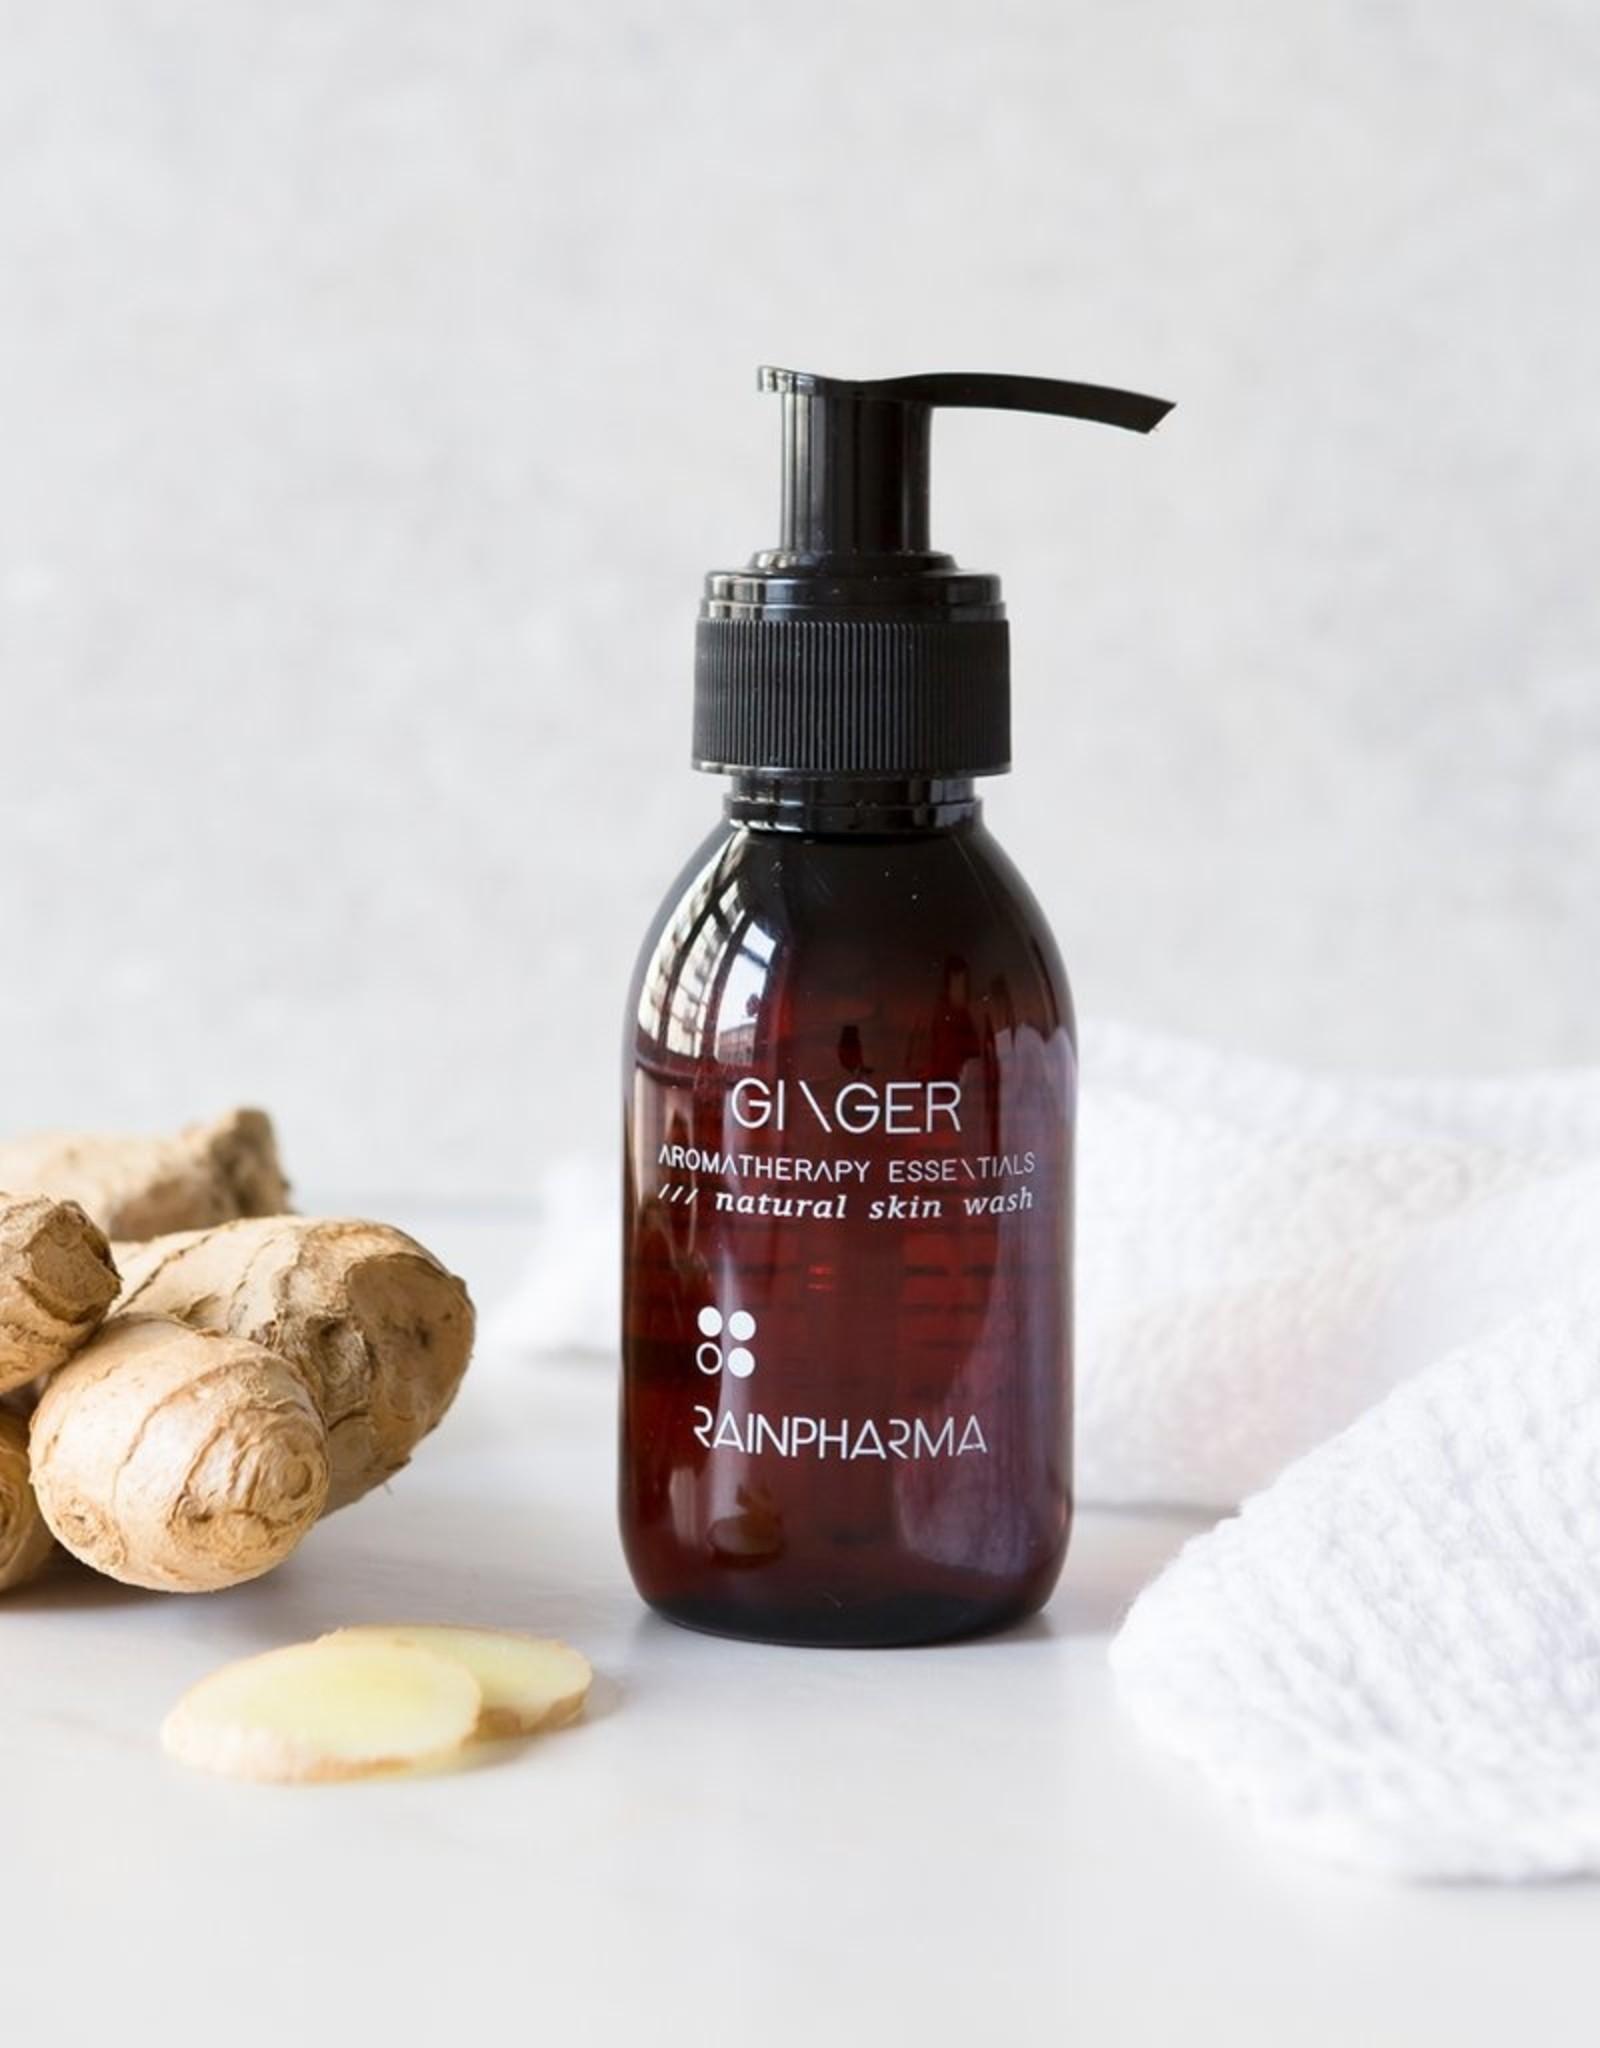 RainPharma Skin Wash Fresh Ginger 100ml - Rainpharma